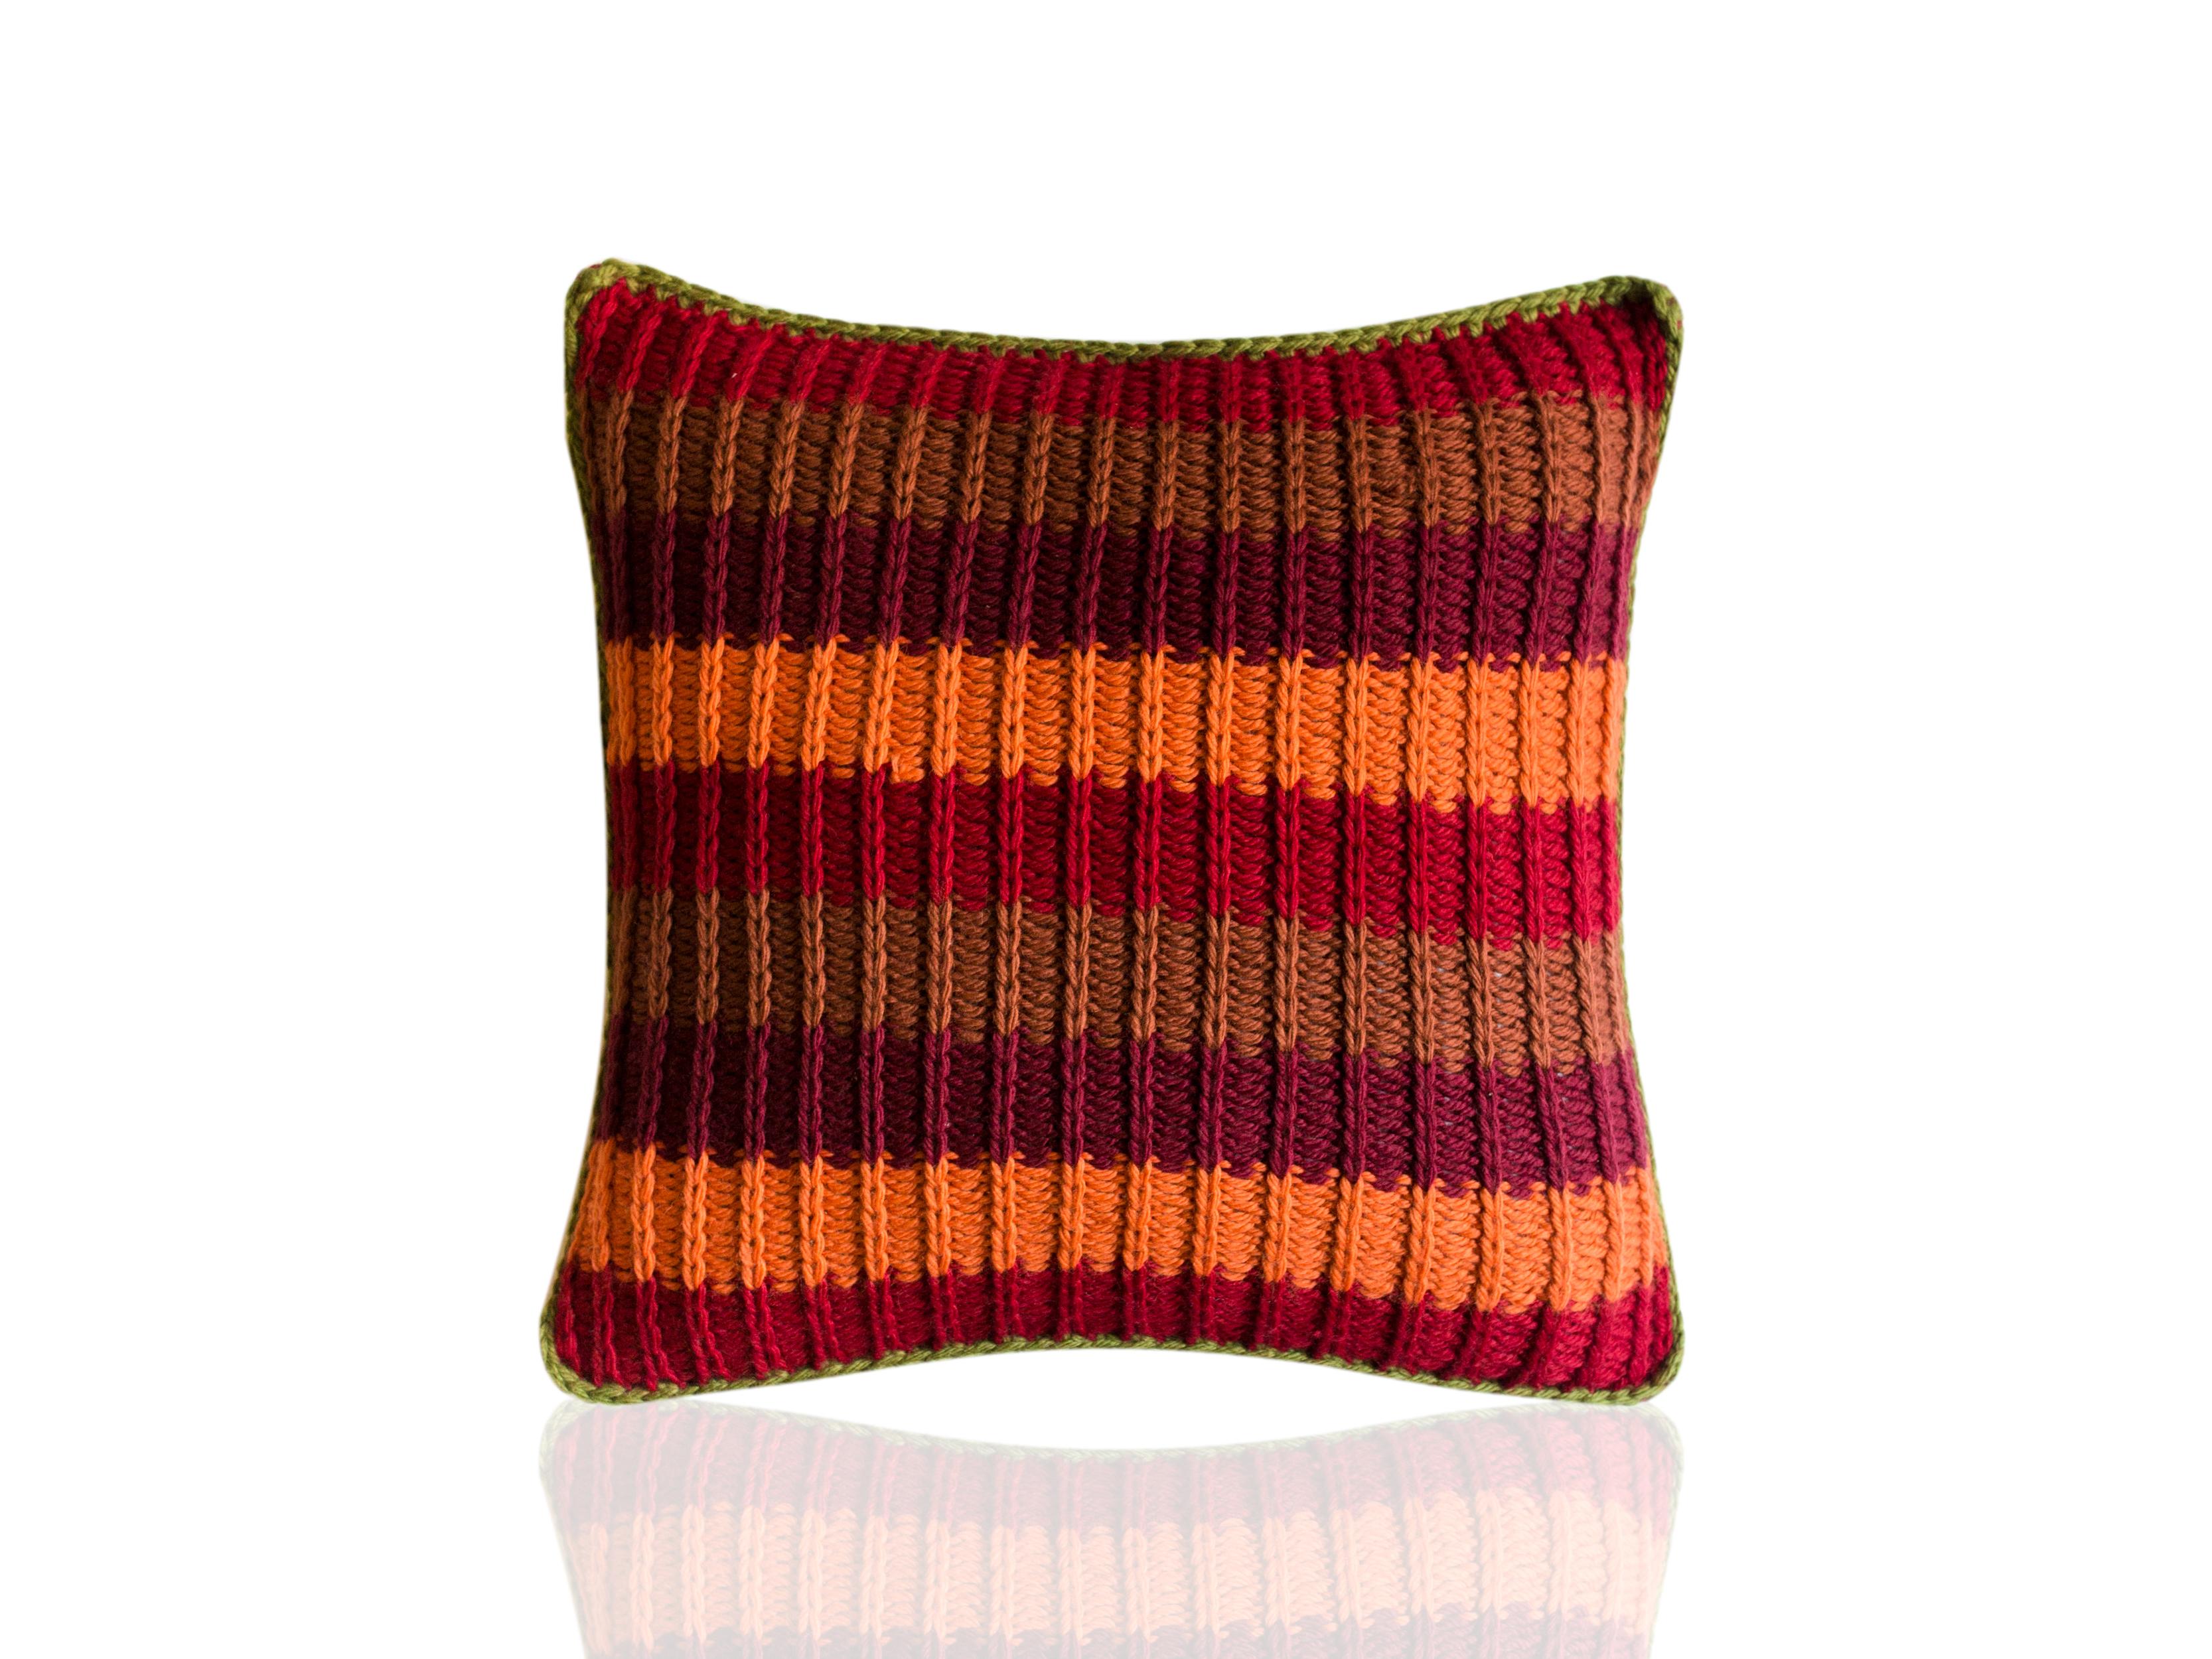 Подушка AmurКвадратные подушки и наволочки<br>Амур - вязаная диванная подушка ручной работы - сделана из высококачественных материалов в Барселоне, Испания. Яркая, мягкая и красивая, эта вещь в традиционном стиле добавит комфорта и уюта любому домашнему декору.&amp;lt;div&amp;gt;&amp;lt;br&amp;gt;&amp;lt;div&amp;gt;Состав наволочки: 55% шерсть мериноса / 45% акрил&amp;amp;nbsp;&amp;lt;/div&amp;gt;&amp;lt;div&amp;gt;Наполнитель (вынимающаяся подушка): 100% полиэстер&amp;amp;nbsp;&amp;lt;/div&amp;gt;&amp;lt;/div&amp;gt;<br><br>Material: Шерсть<br>Ширина см: 40.0<br>Высота см: 40.0<br>Глубина см: 10.0